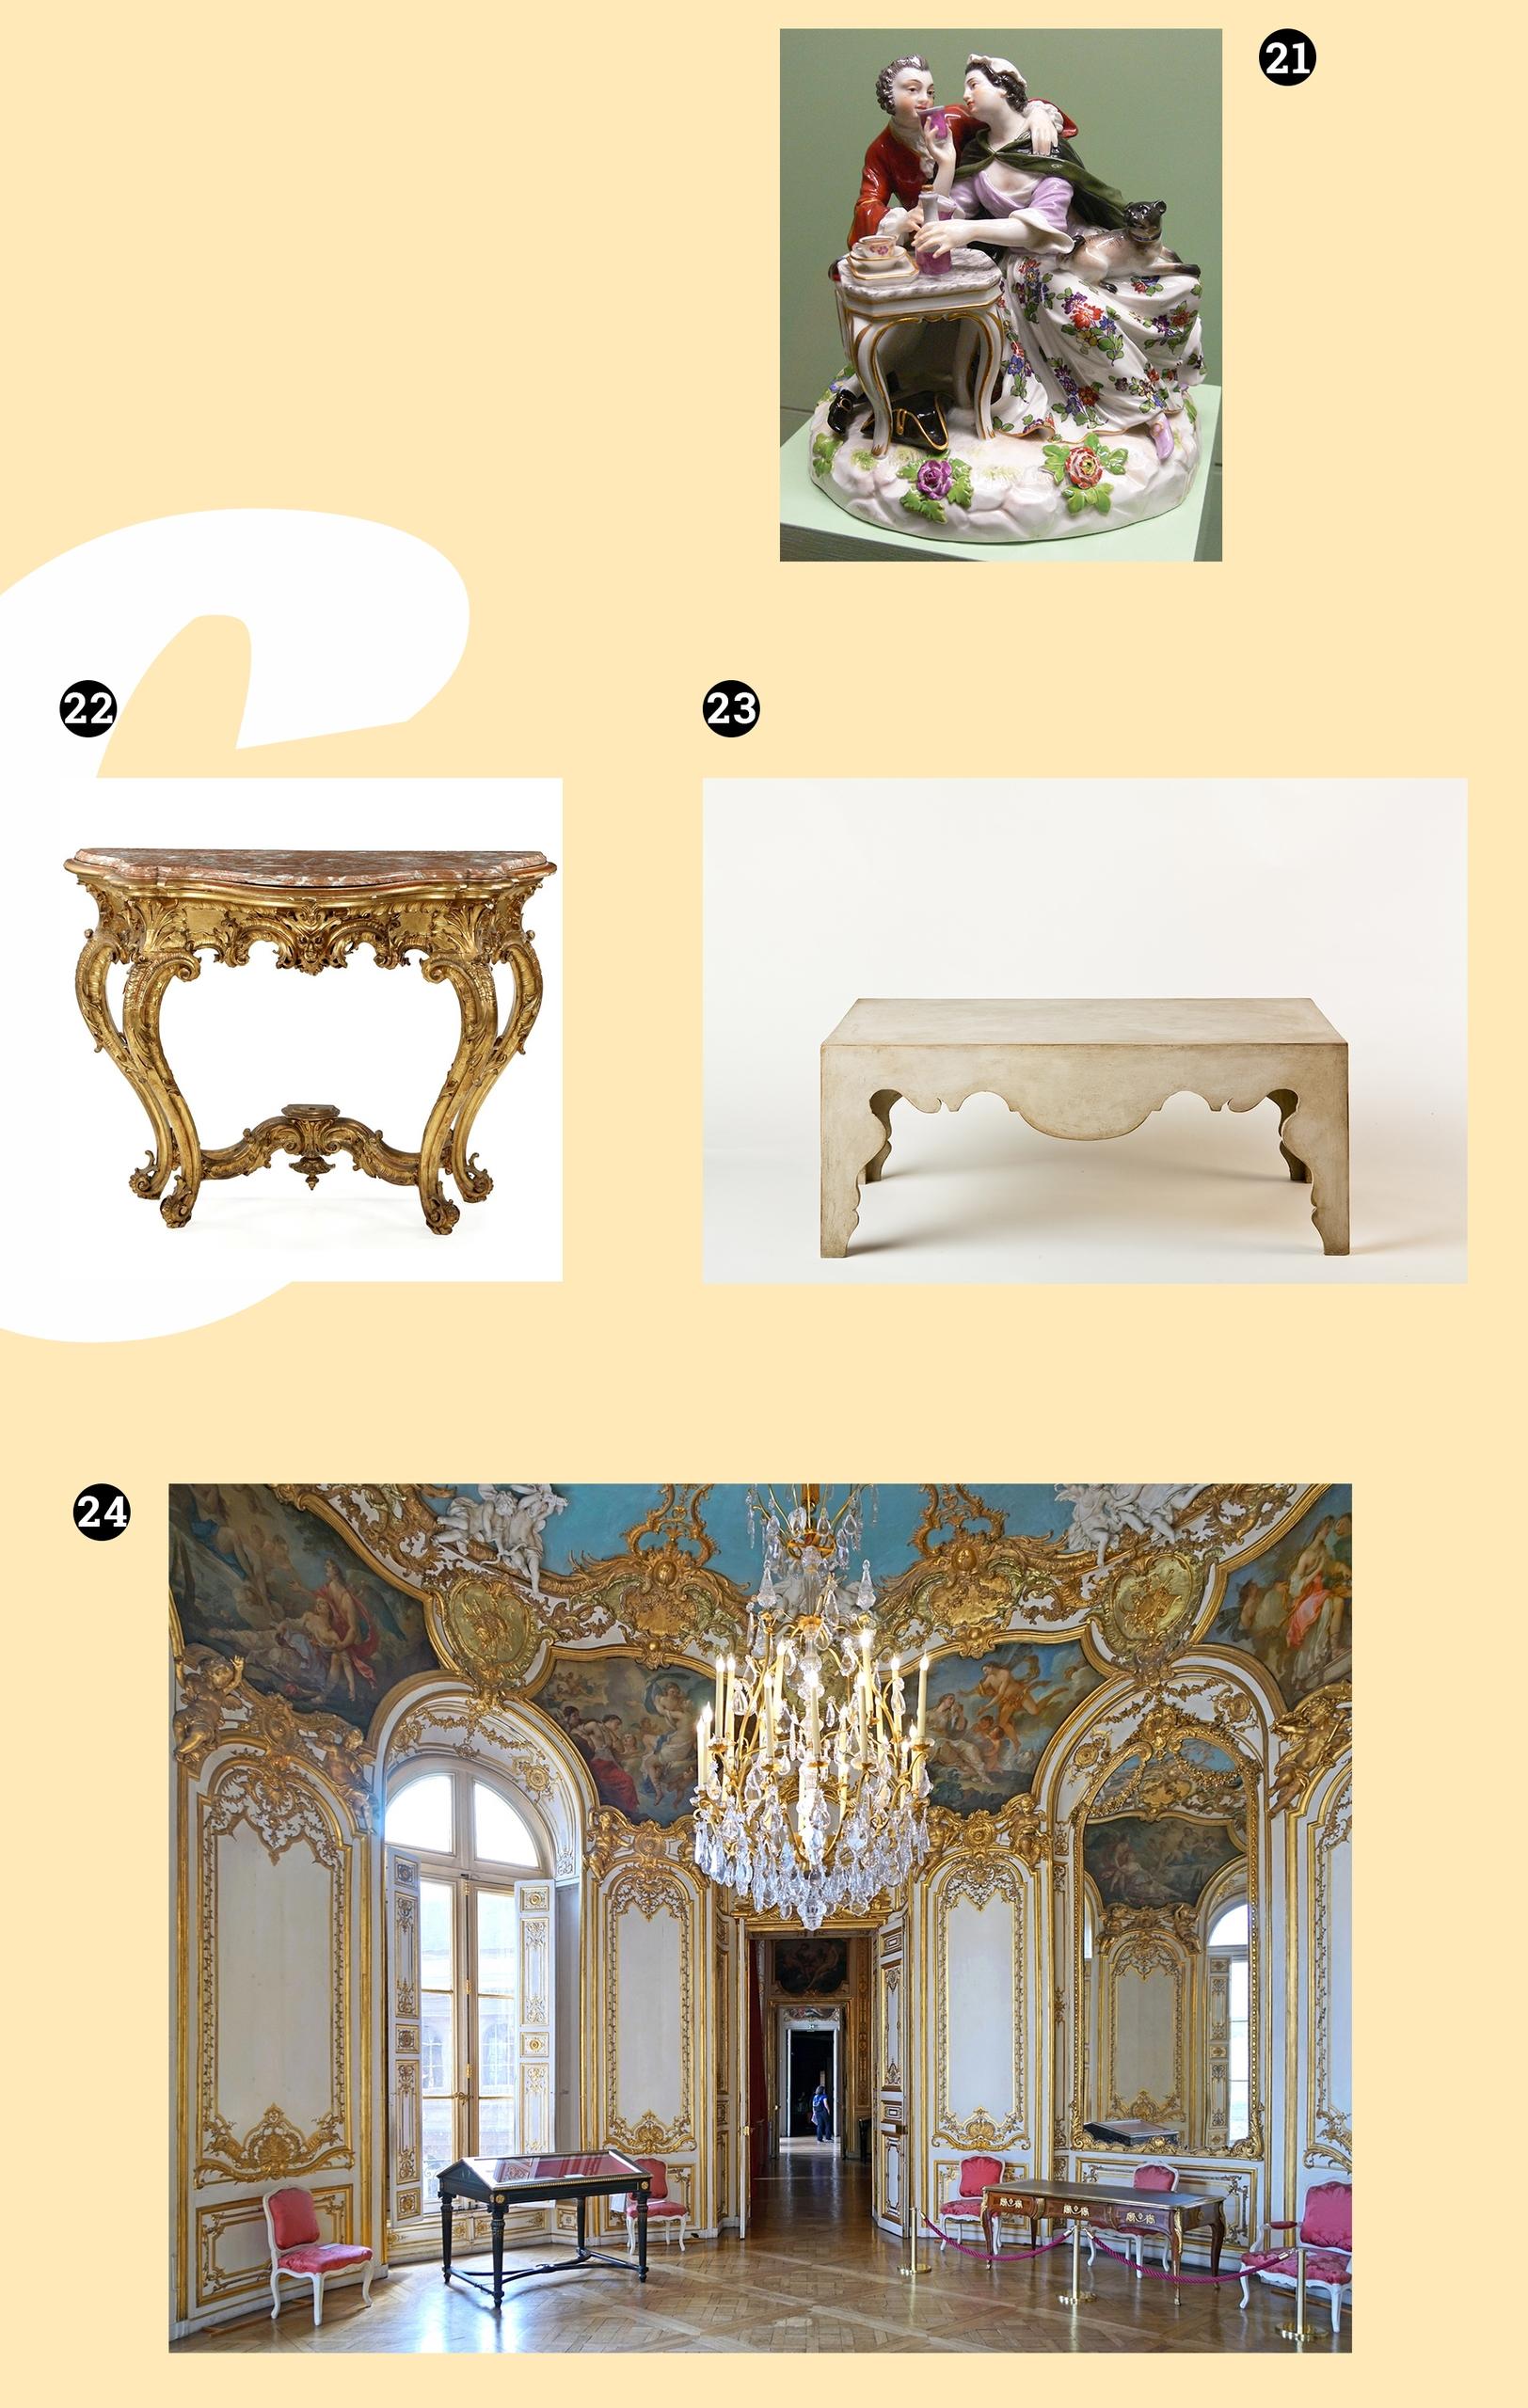 Obraz przedstawia cztery zdjęcia. Widzimy stoliki, figurkę z porcelany i wnętrze pałacu w stylu rokoka.